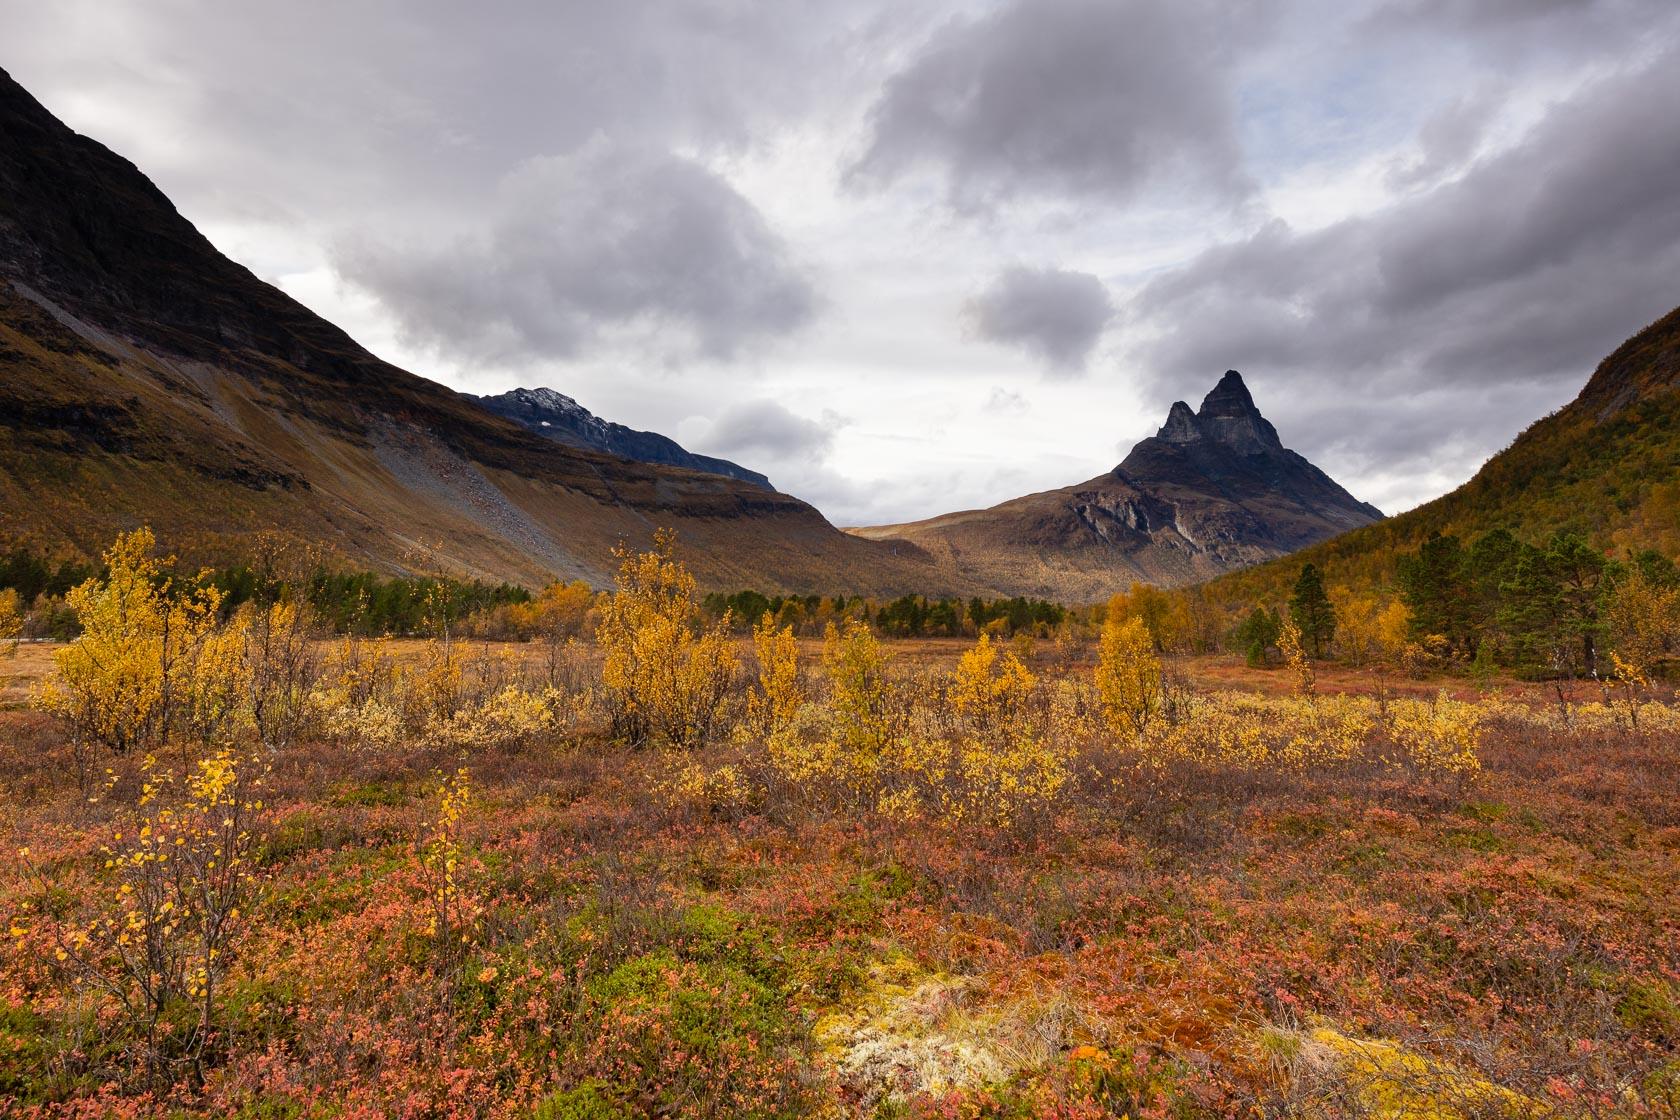 Tourbière en automne dans la Signaldalen, avec l'Otertinden, en Norvège